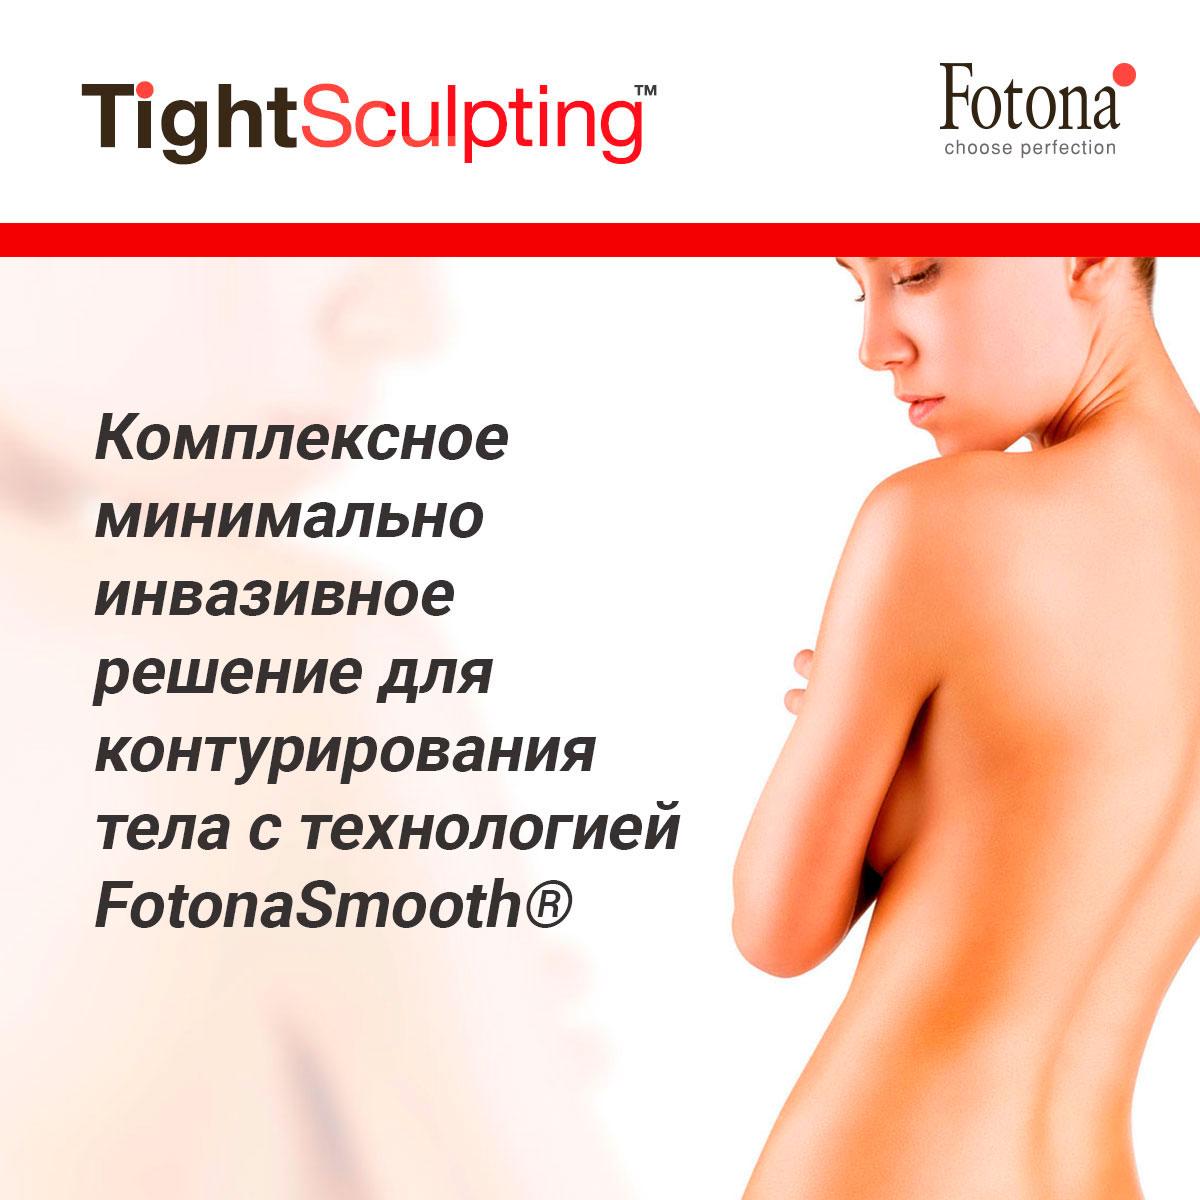 TightSculpting: комплексное минимально инвазивное решение для контурирования тела с технологией FotonaSmooth